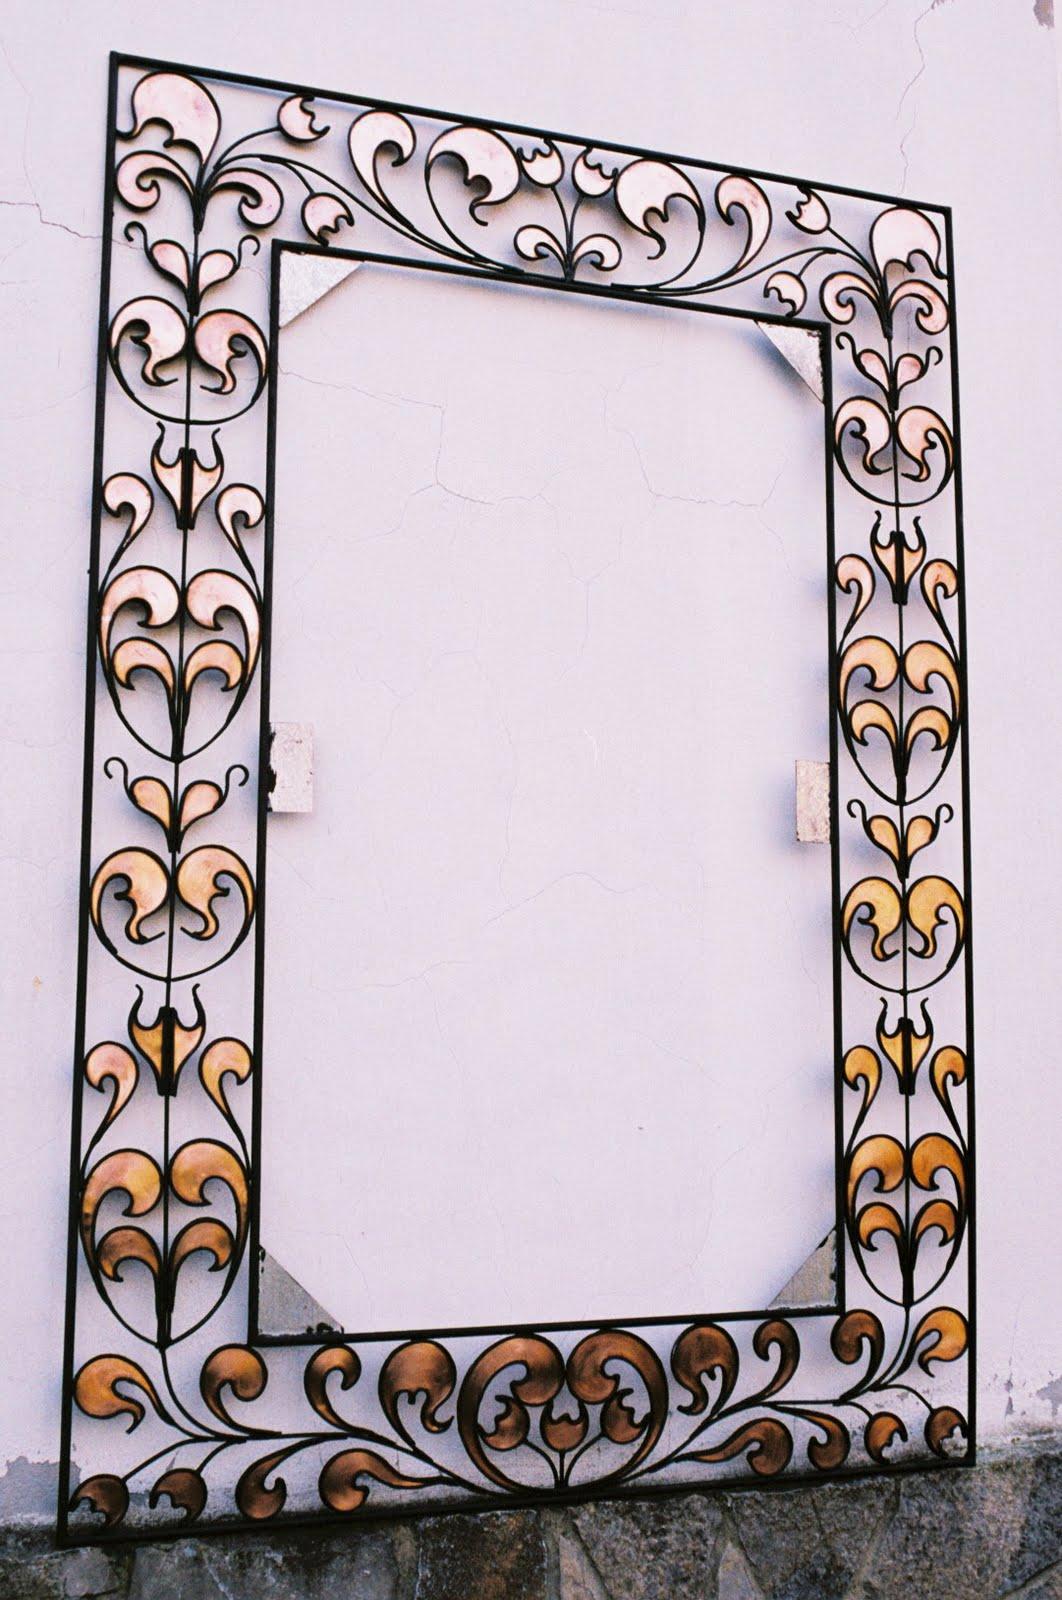 hierro decoracin arte - photo #18